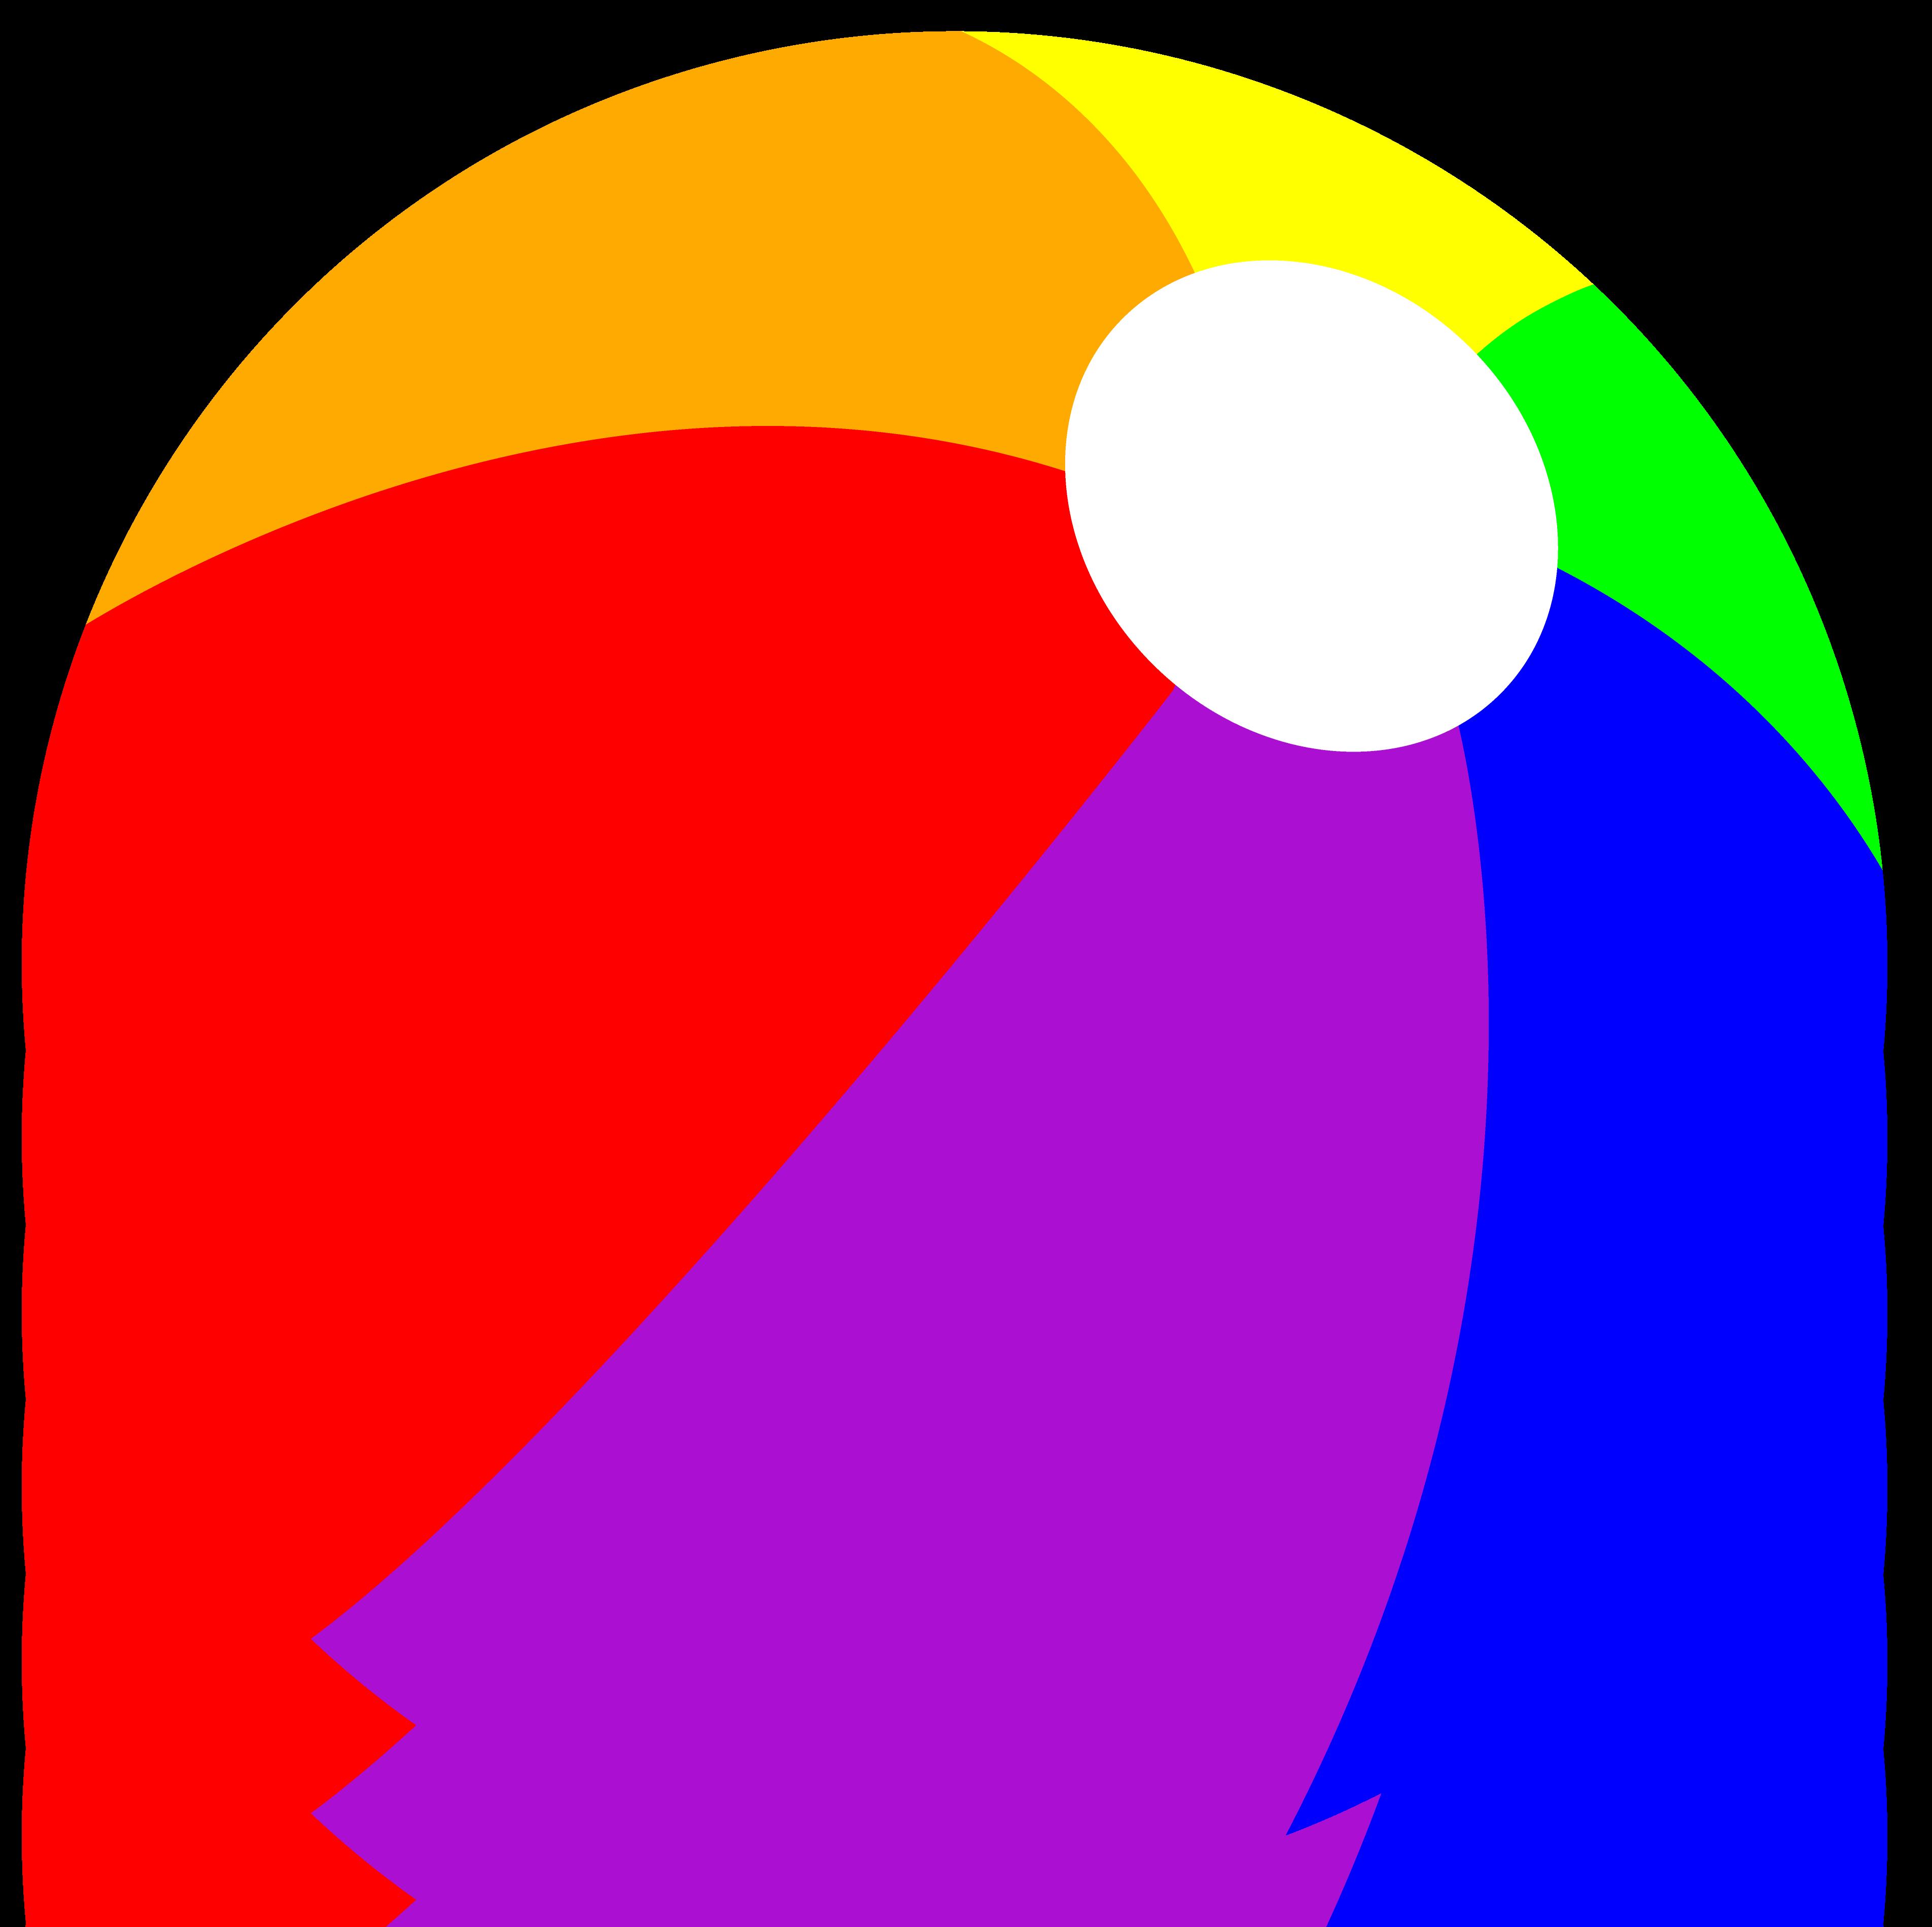 3809x3800 Rainbow Summer Beach Ball